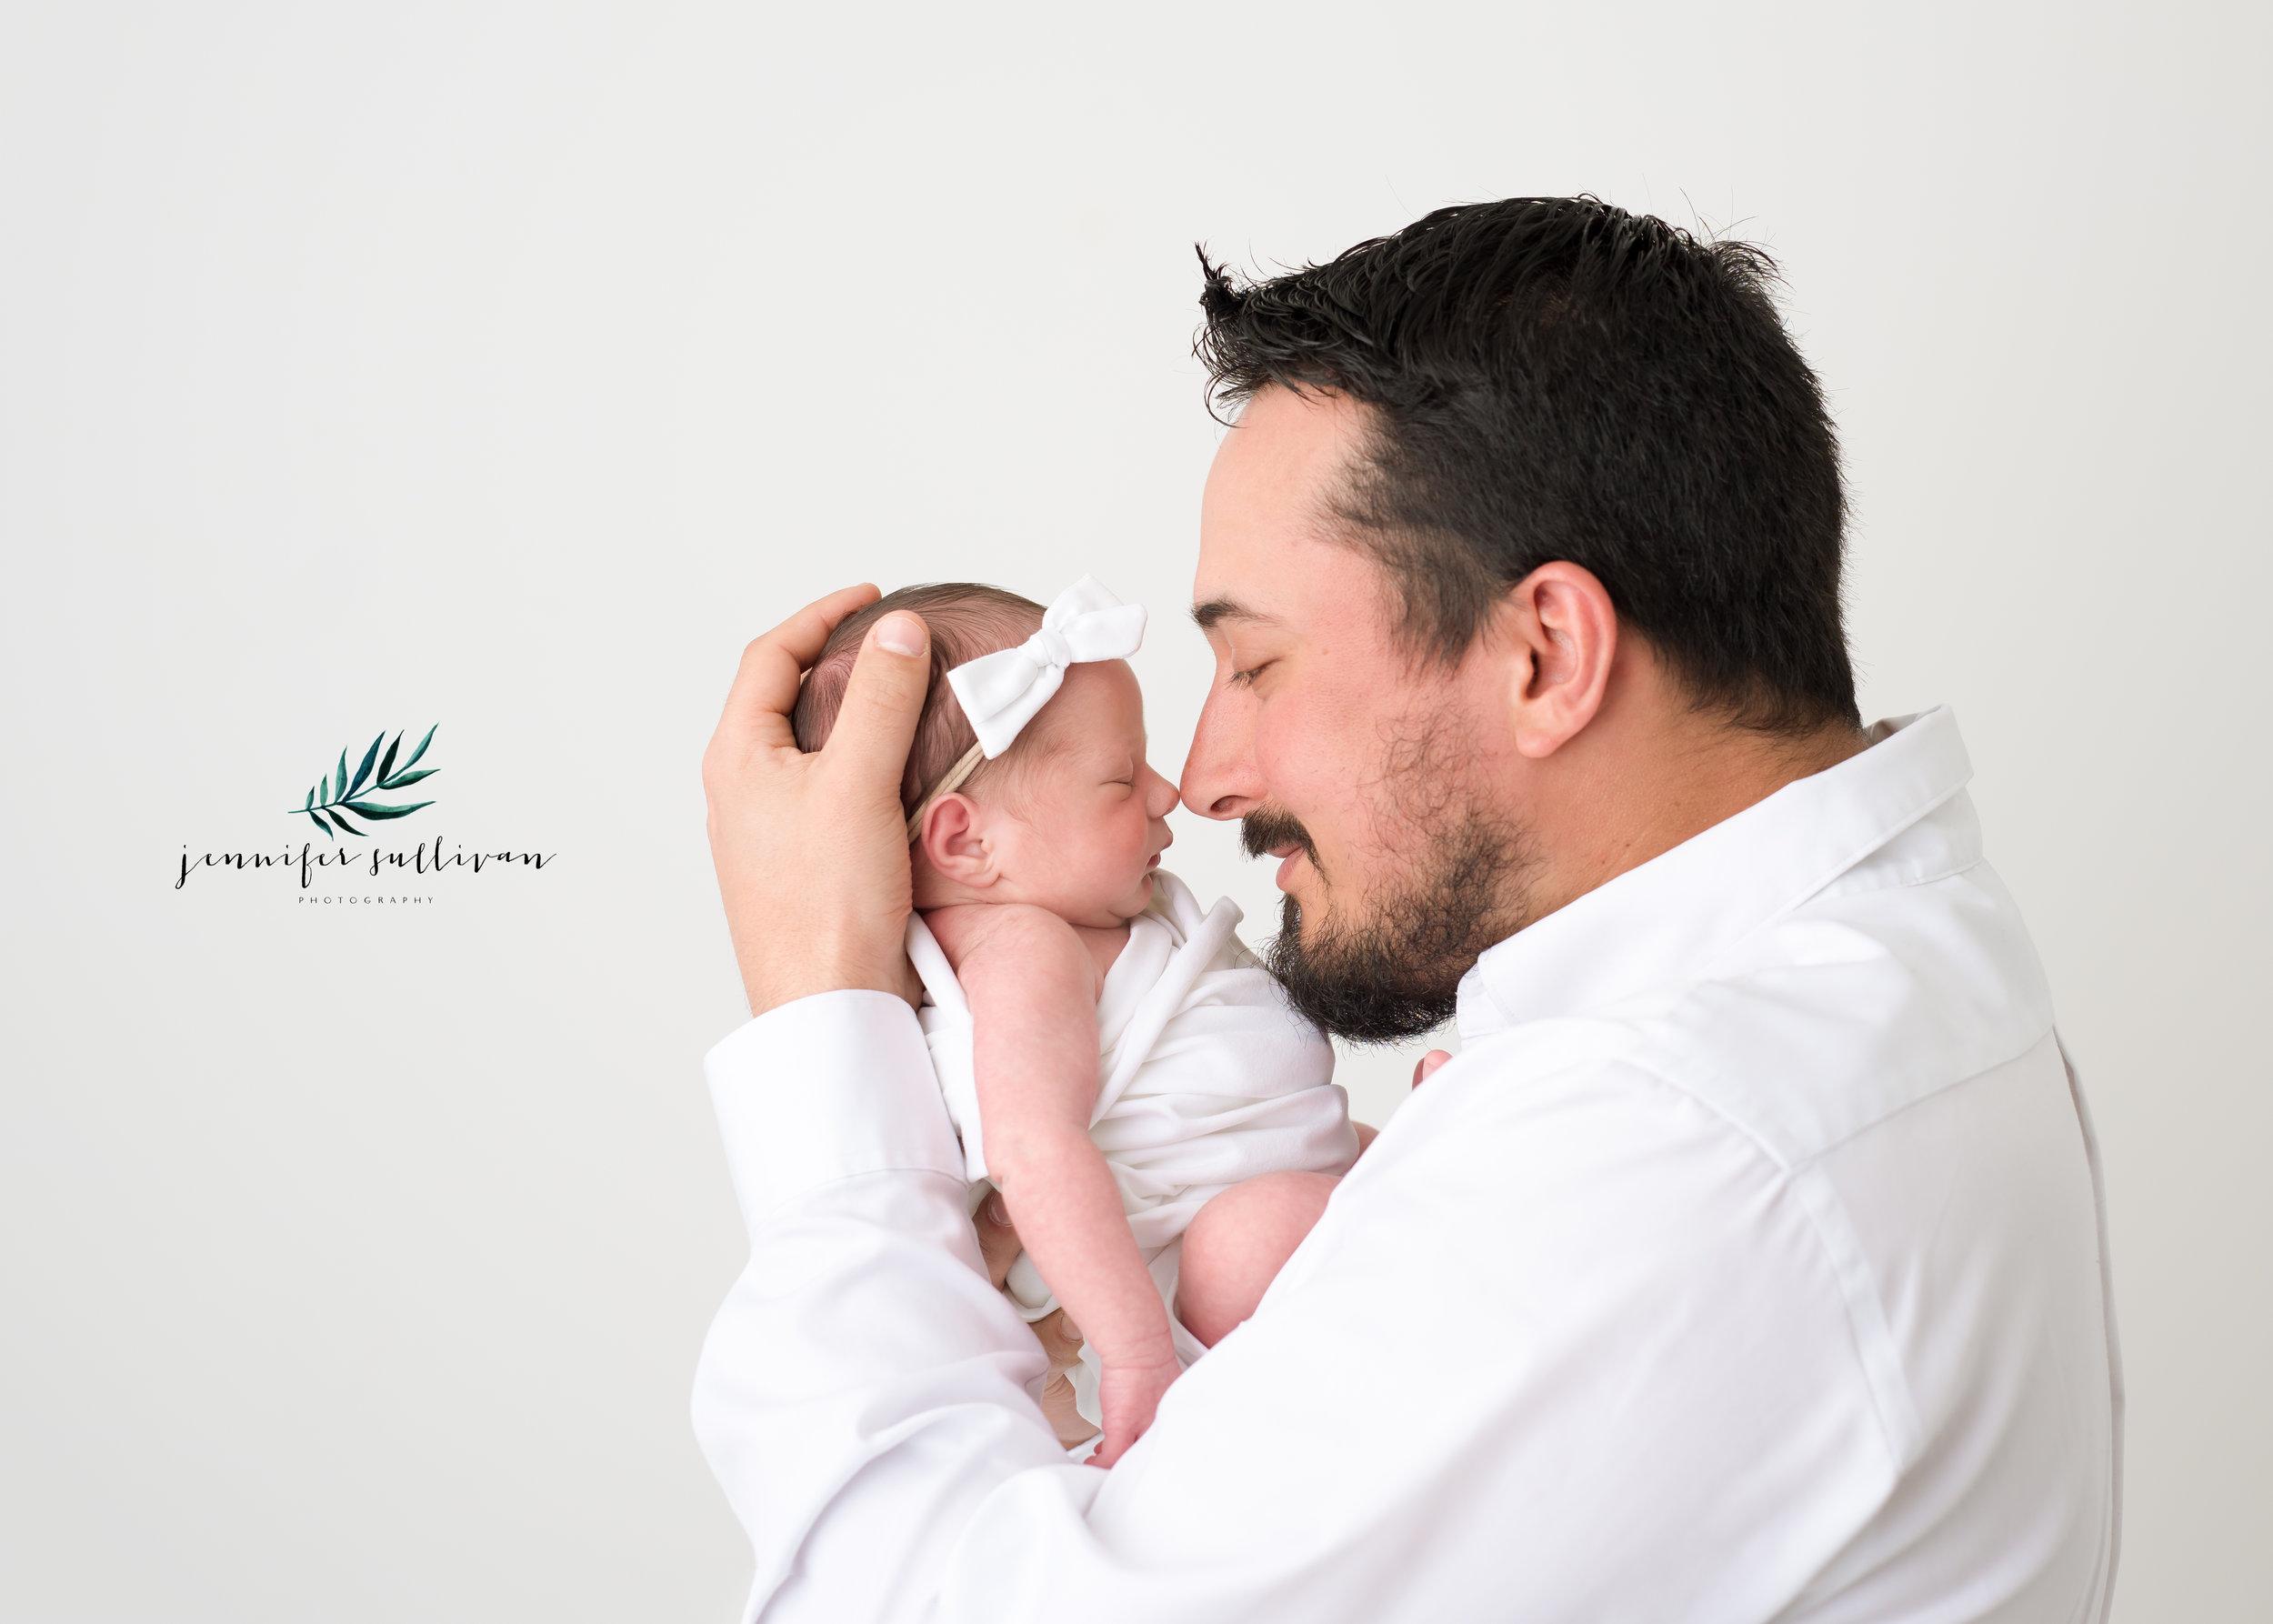 DARTMOUTH_Massachusetts_newborn_PHOTOGRAPHER-400-7.jpg